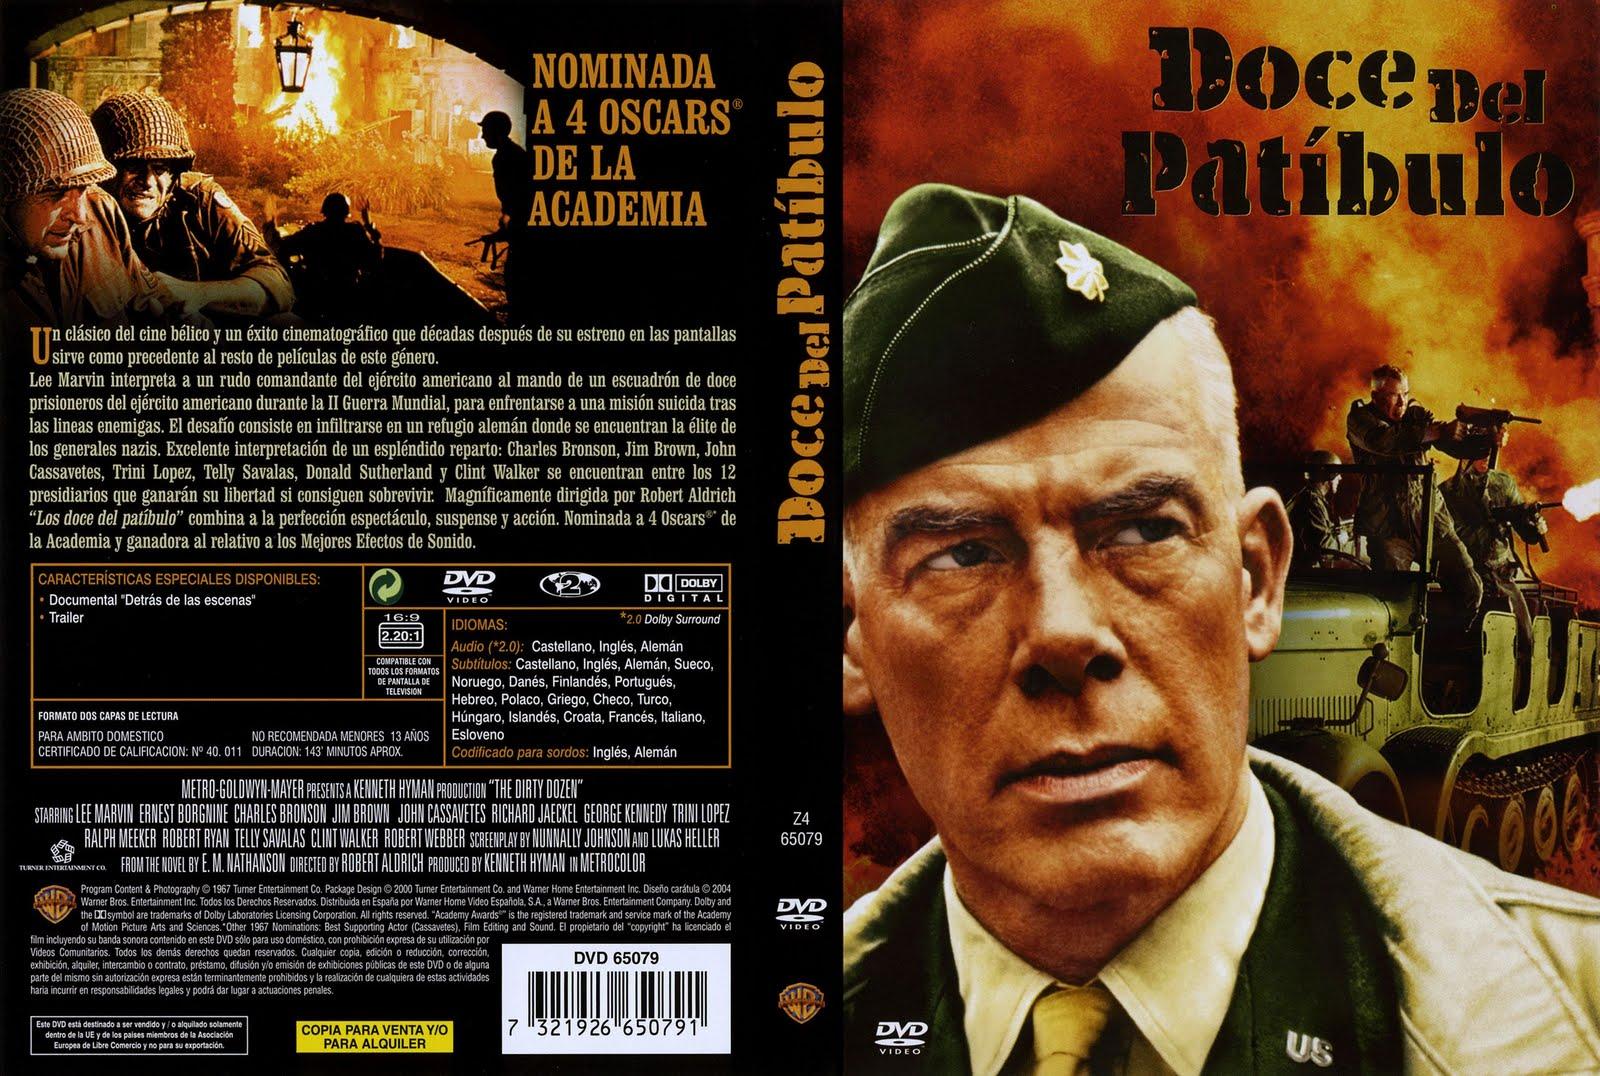 2 peliculas en un dvd: